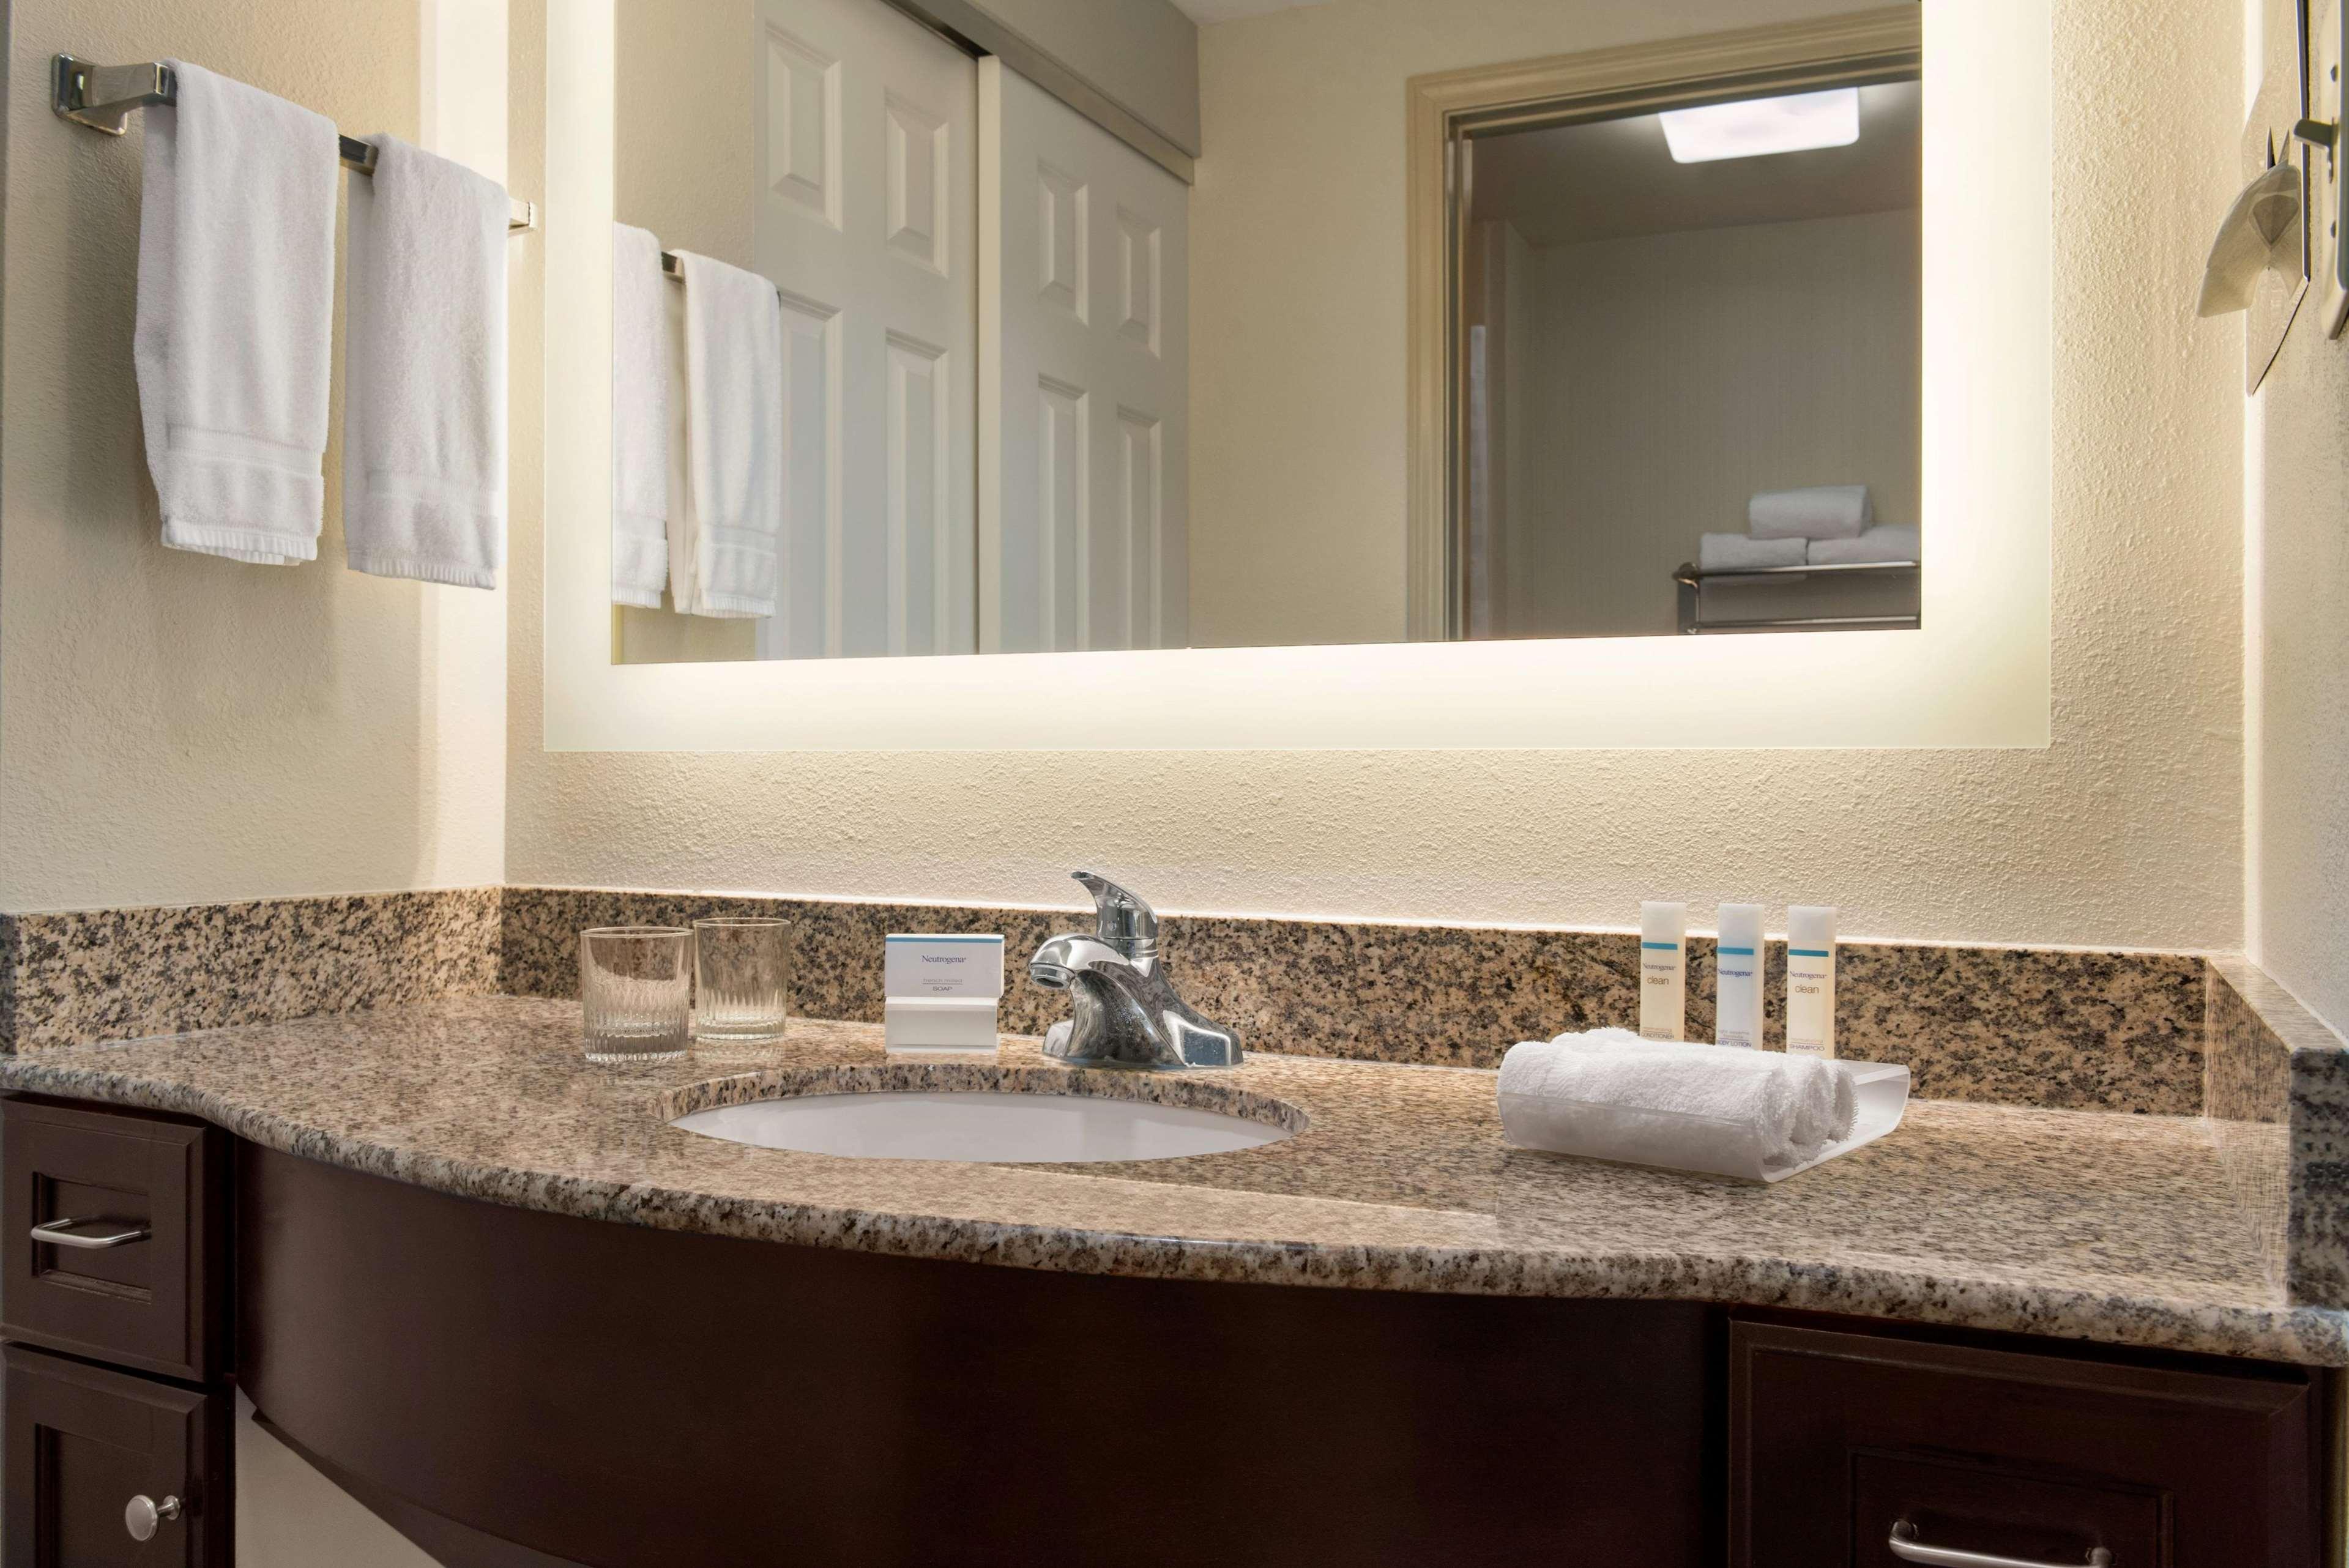 Homewood Suites by Hilton Charleston - Mt. Pleasant image 19